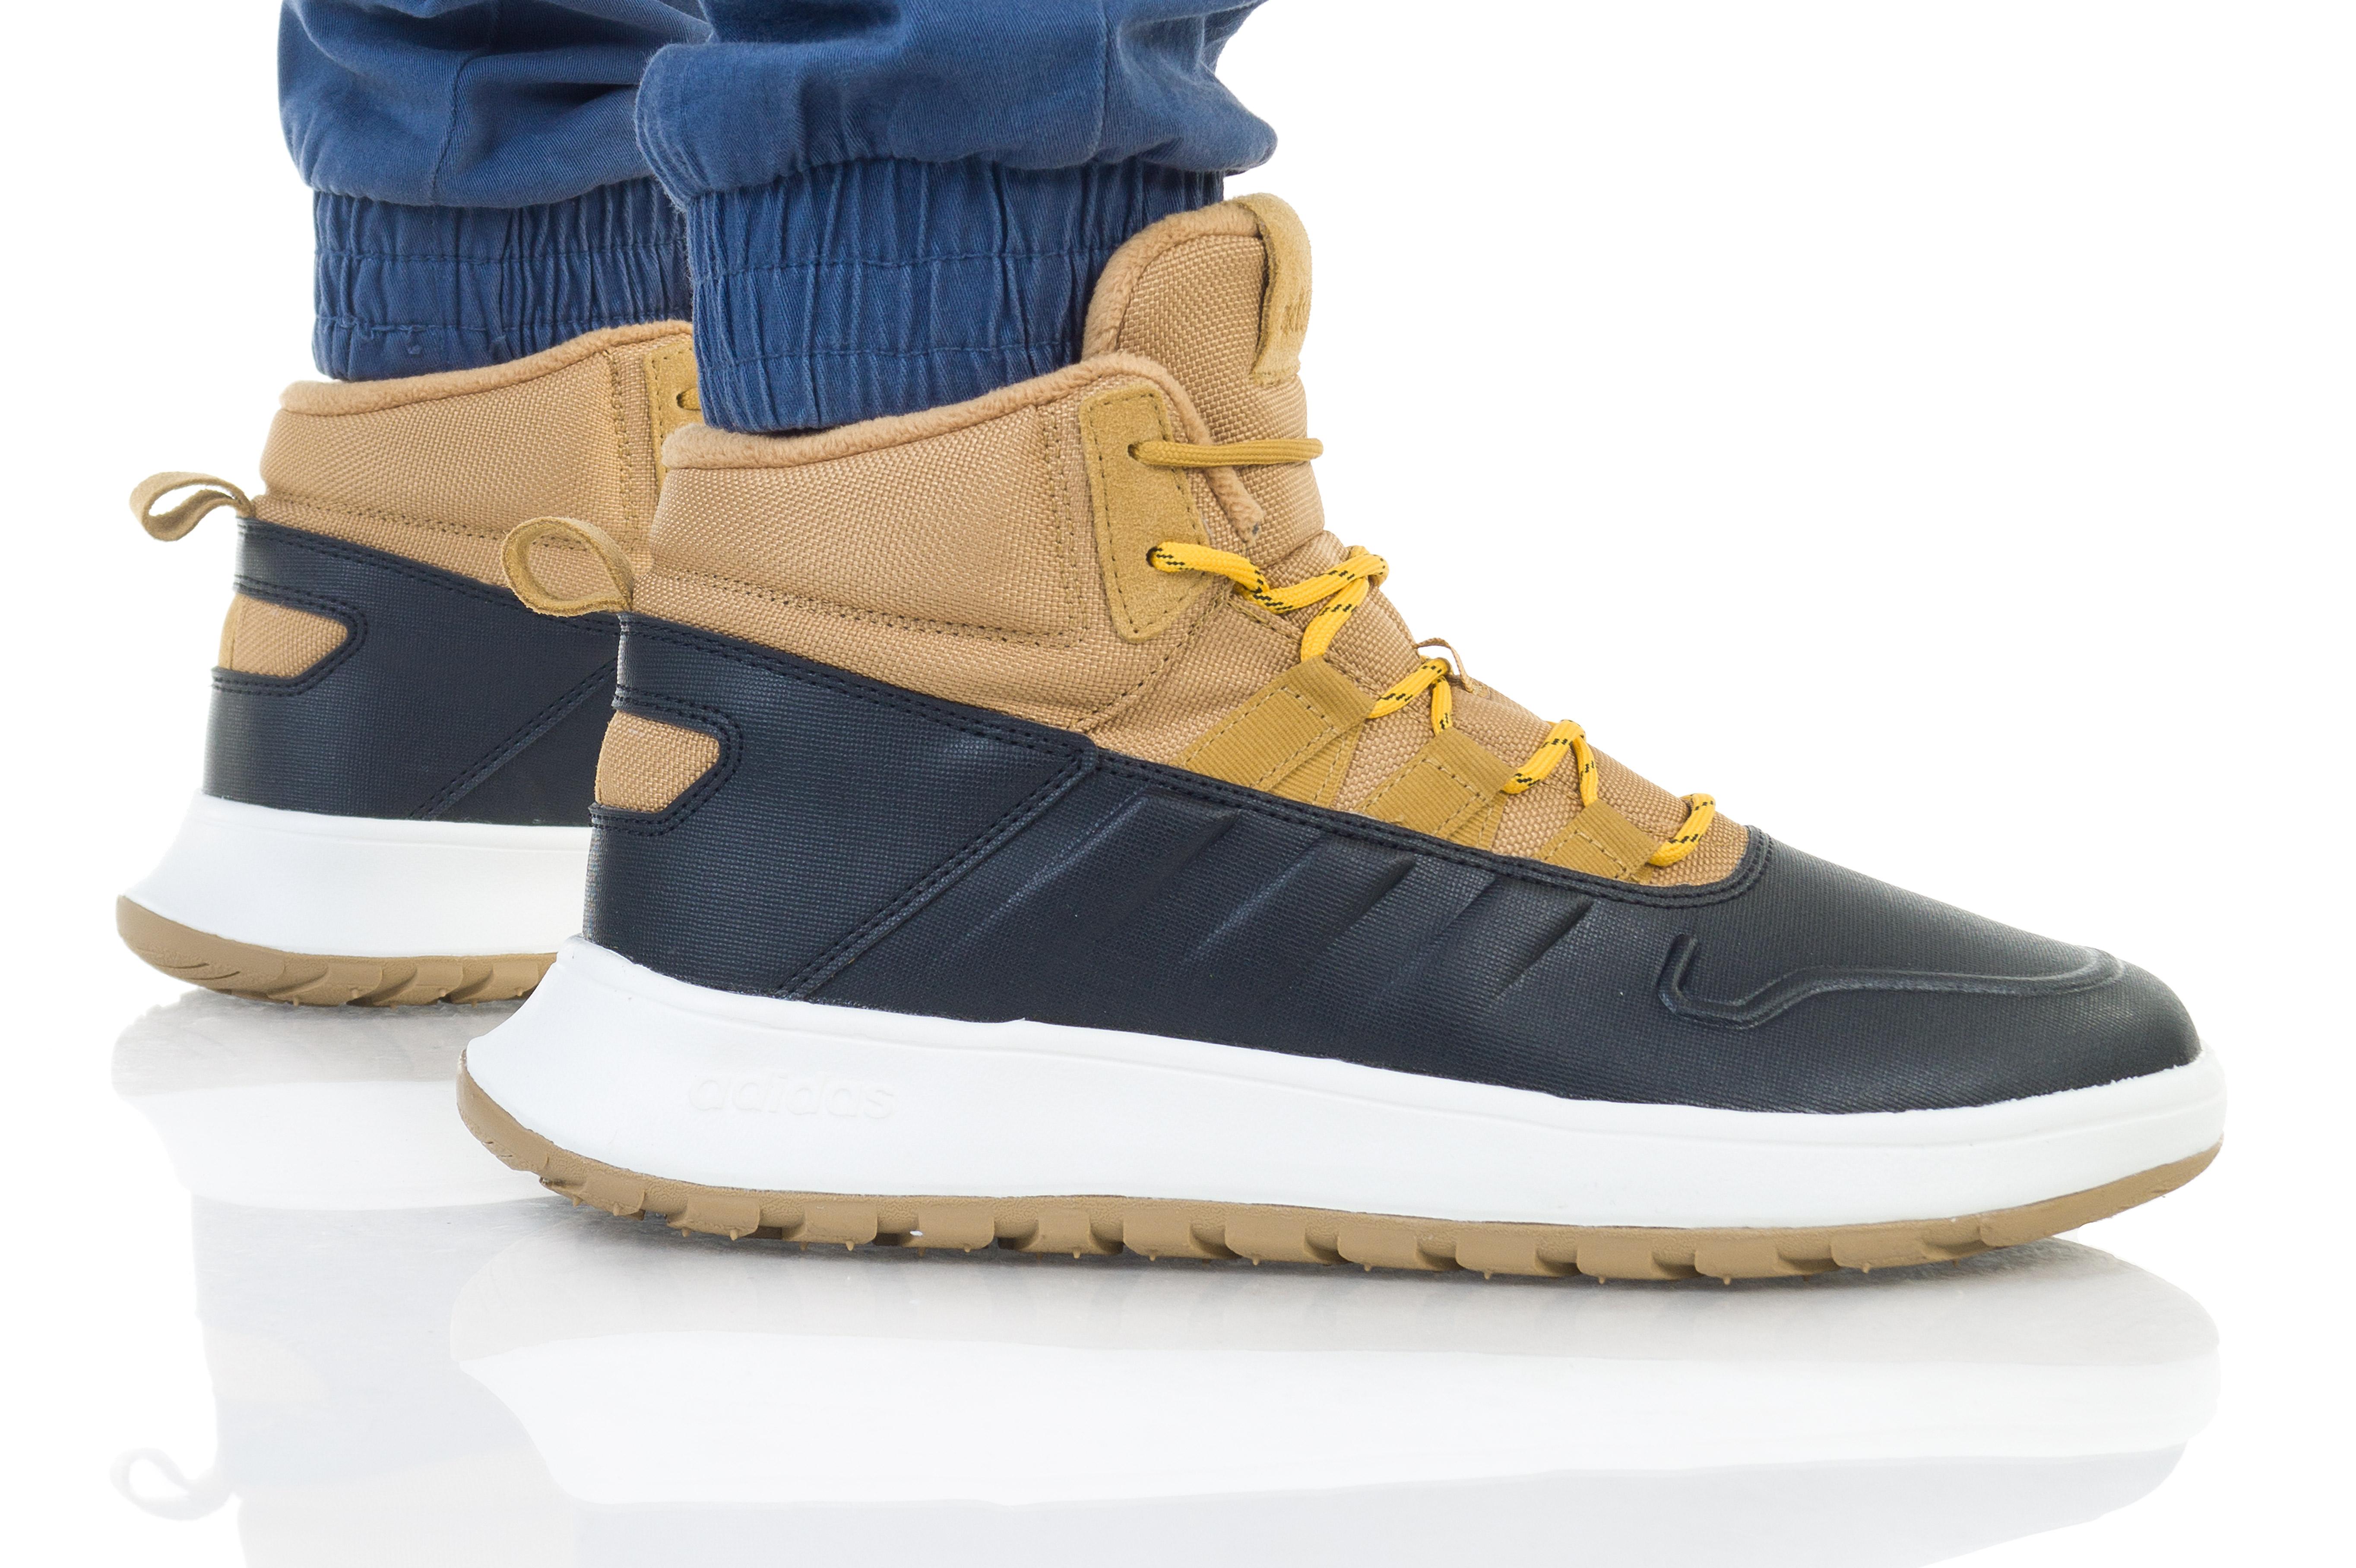 נעליים אדידס לגברים Adidas FUSION STORM WTR - חום